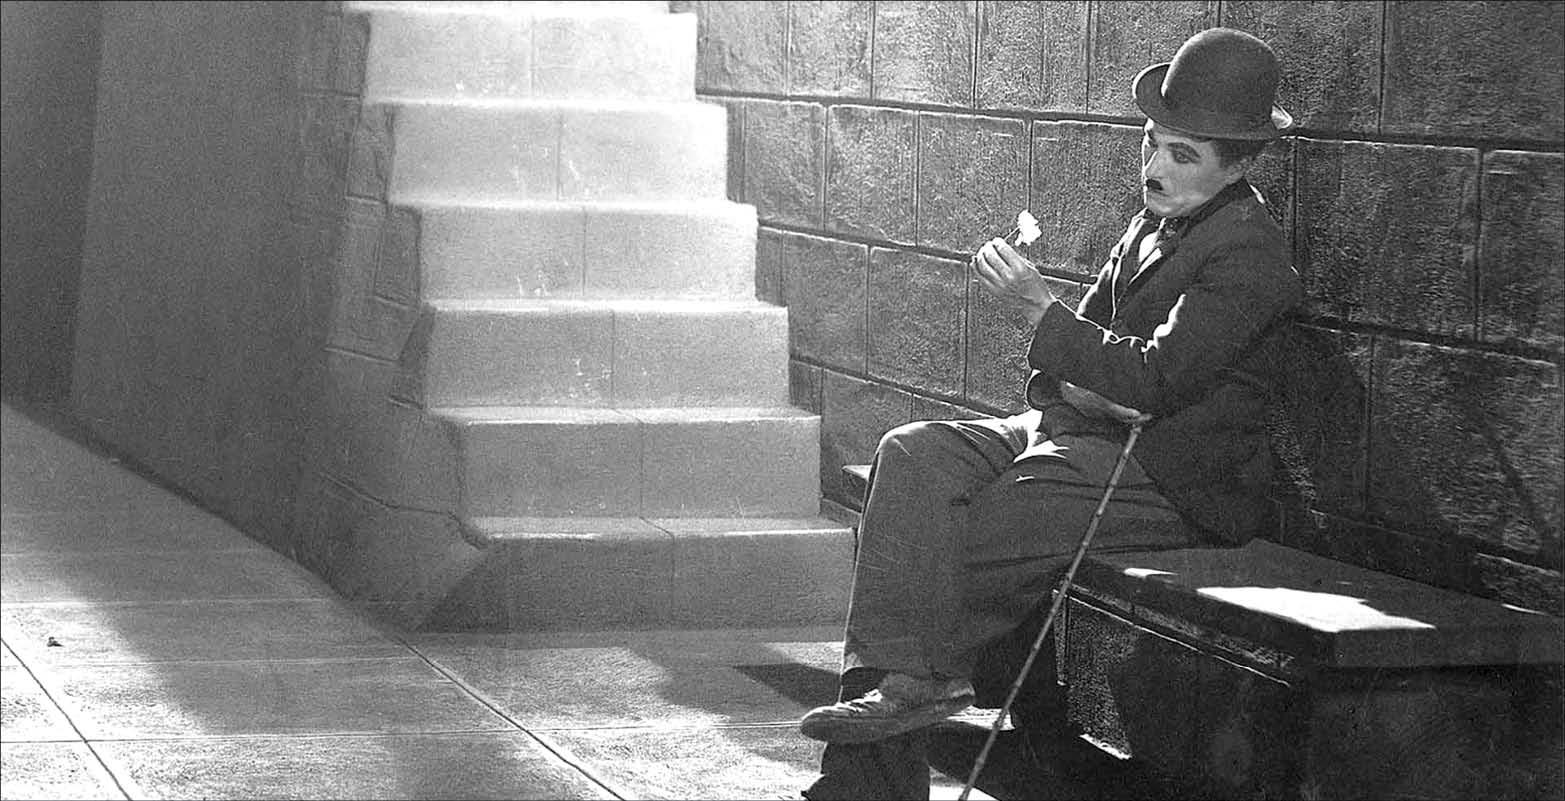 چارلی چاپلین چگونه زندگی کرد؟/روایتی جالب و خواندنی از کمدین برجسته تاریخ سینما